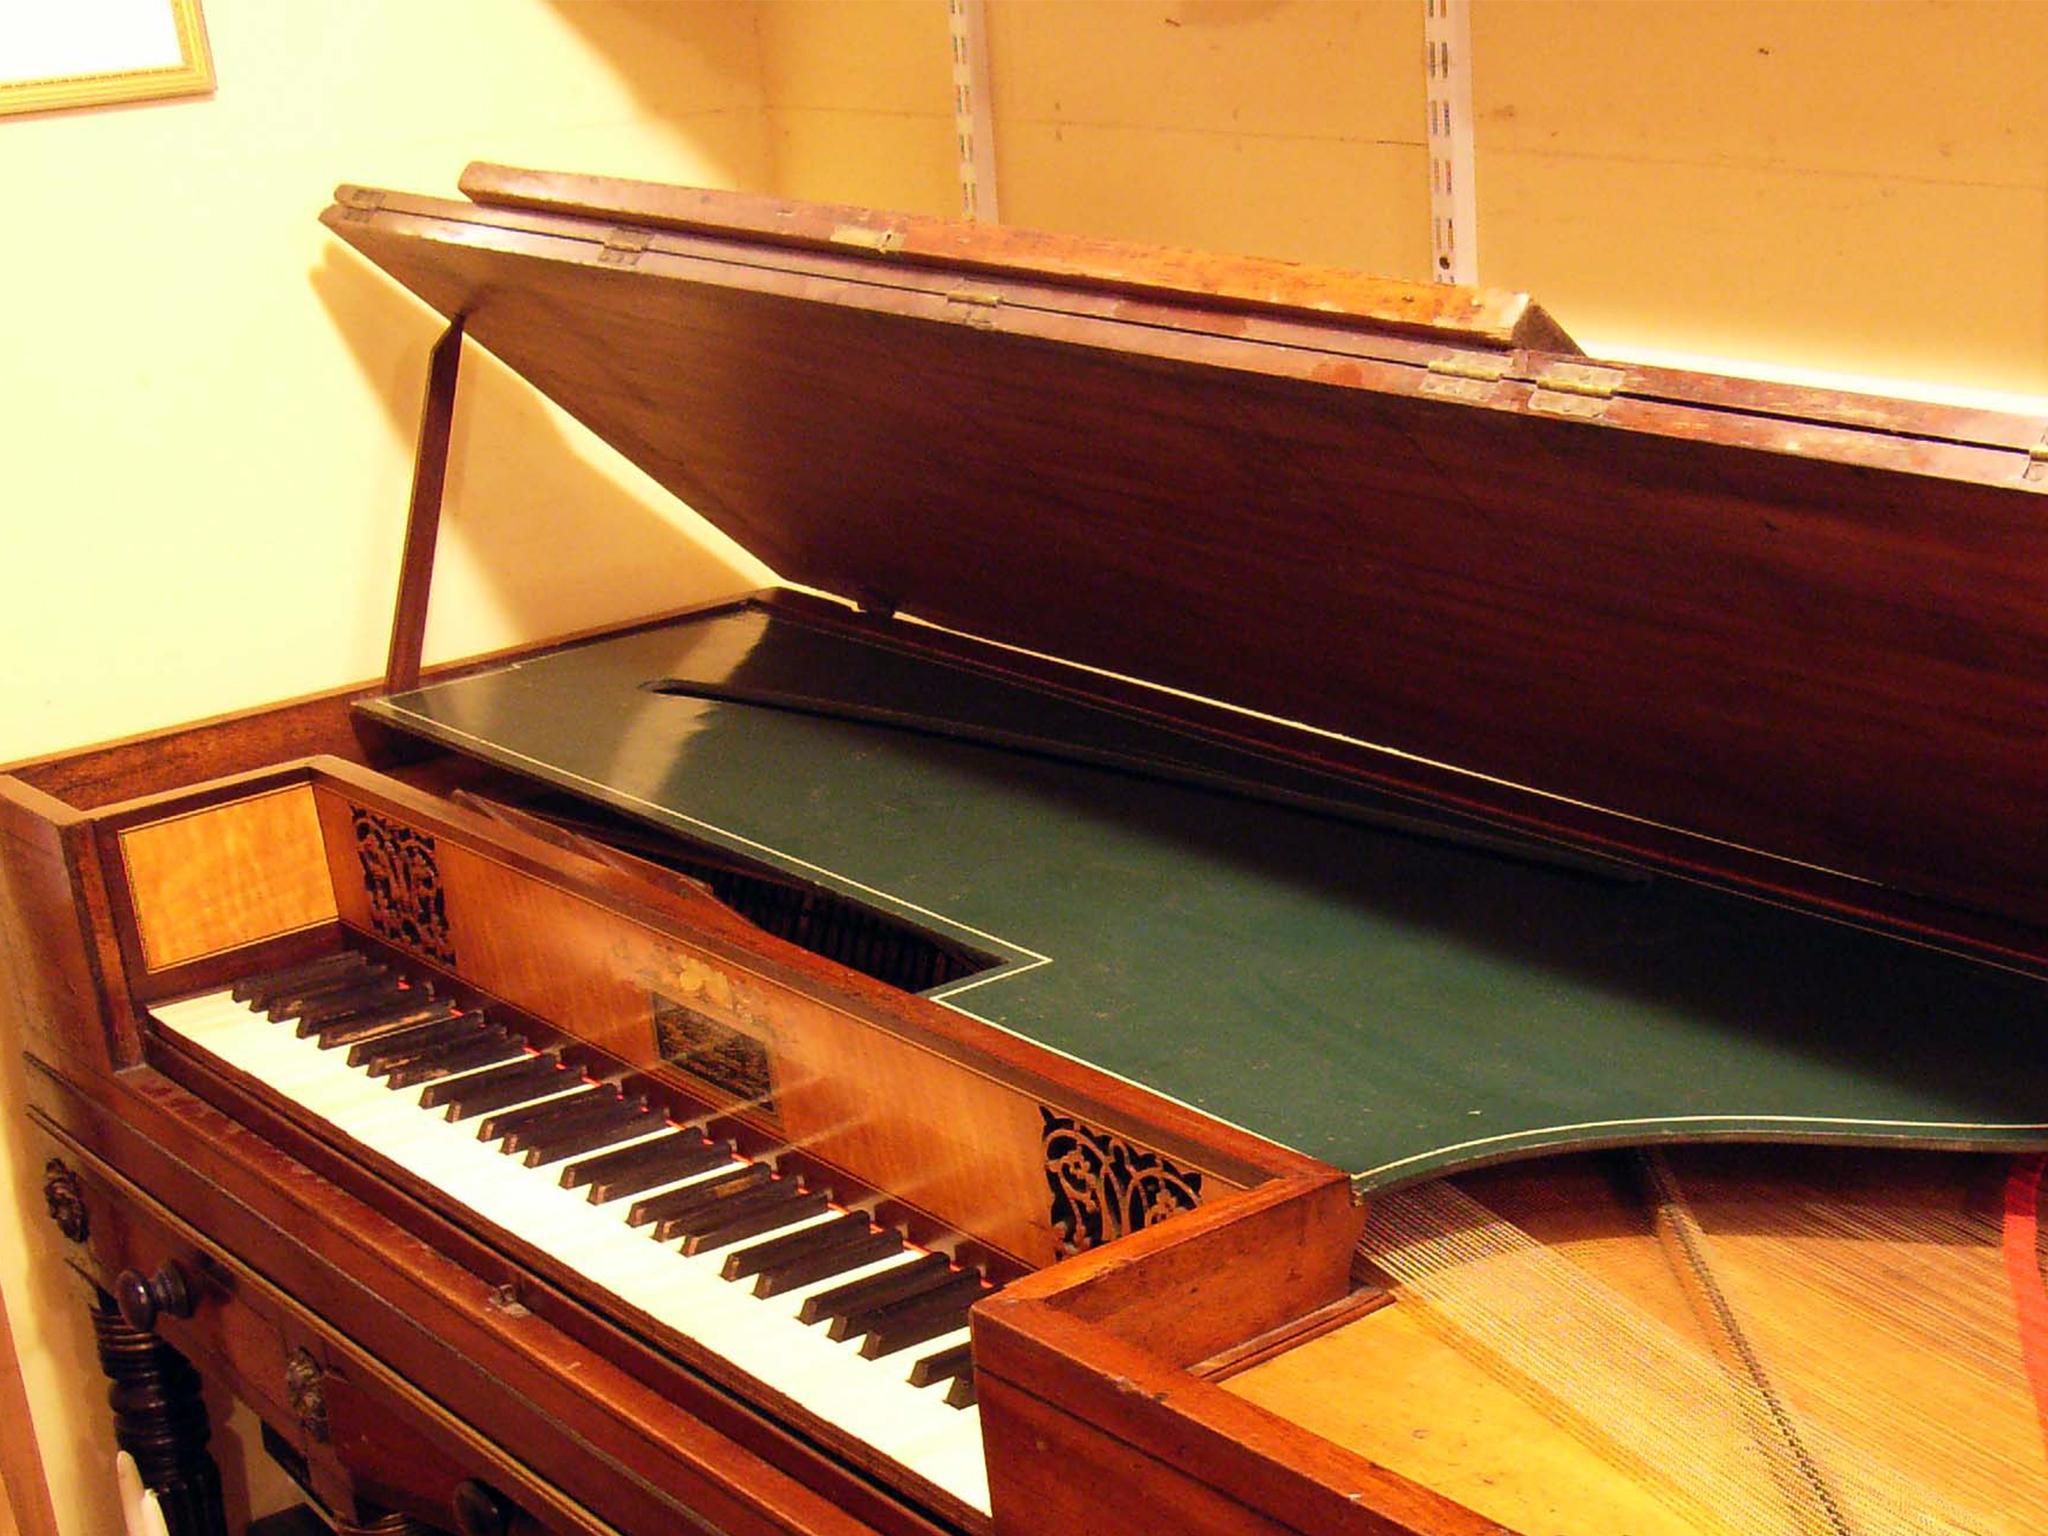 10 mestres do piano clássico e romântico para descobrir